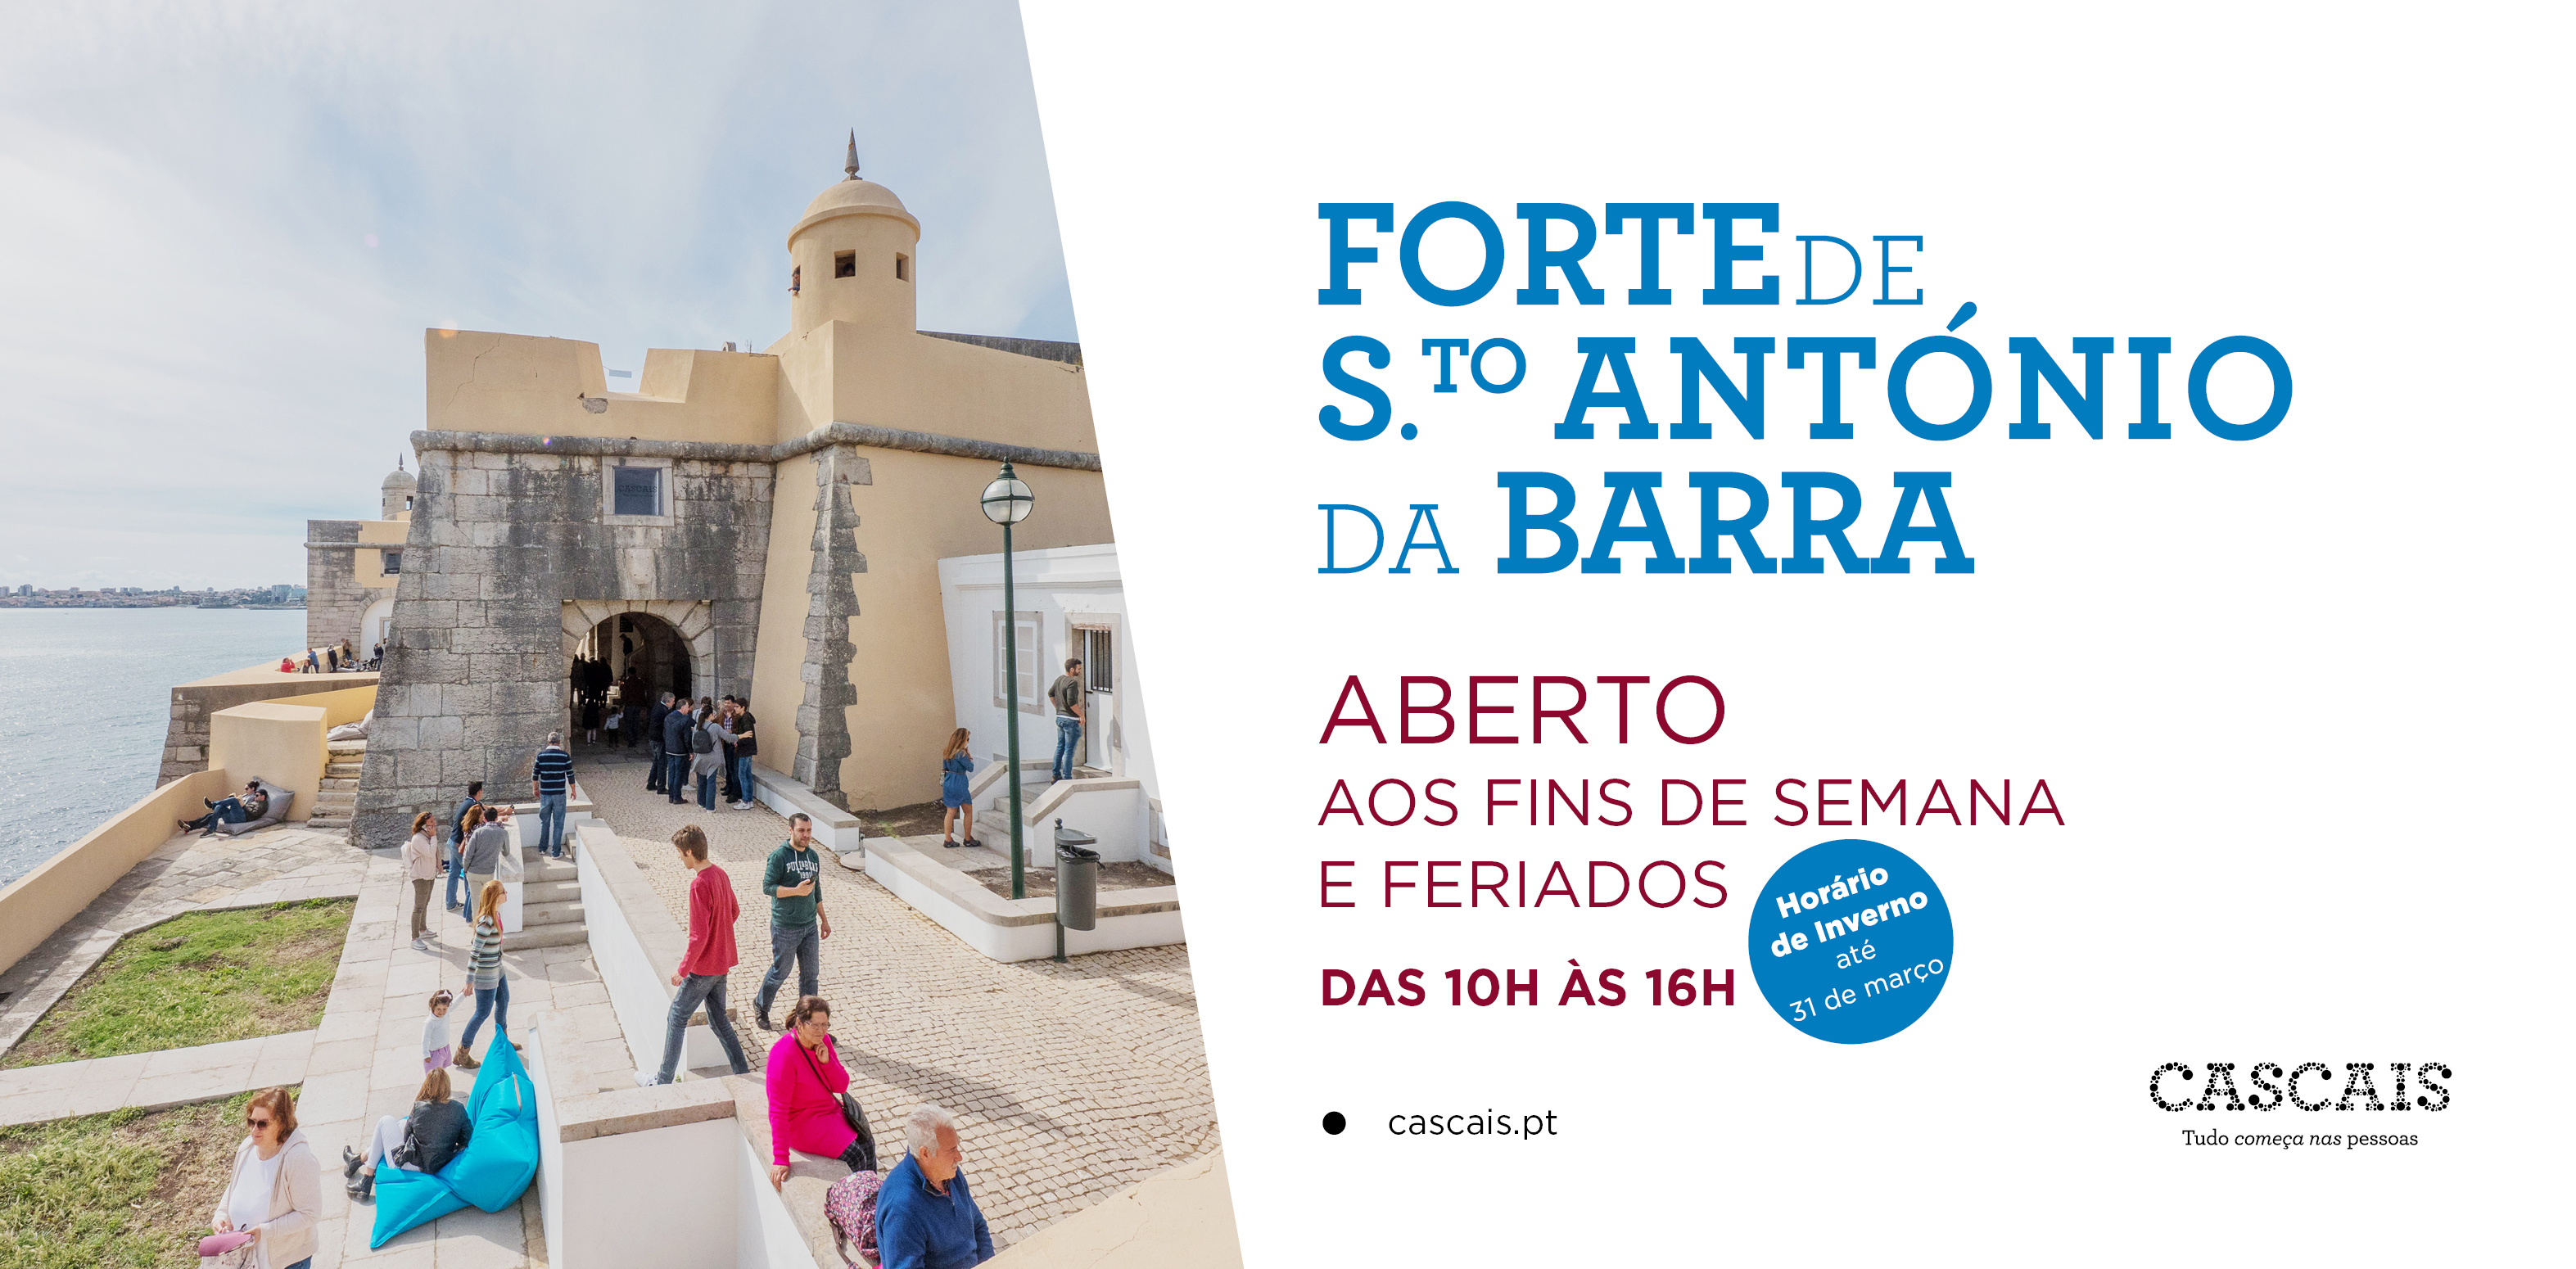 Visitas ao Forte de Sto. António